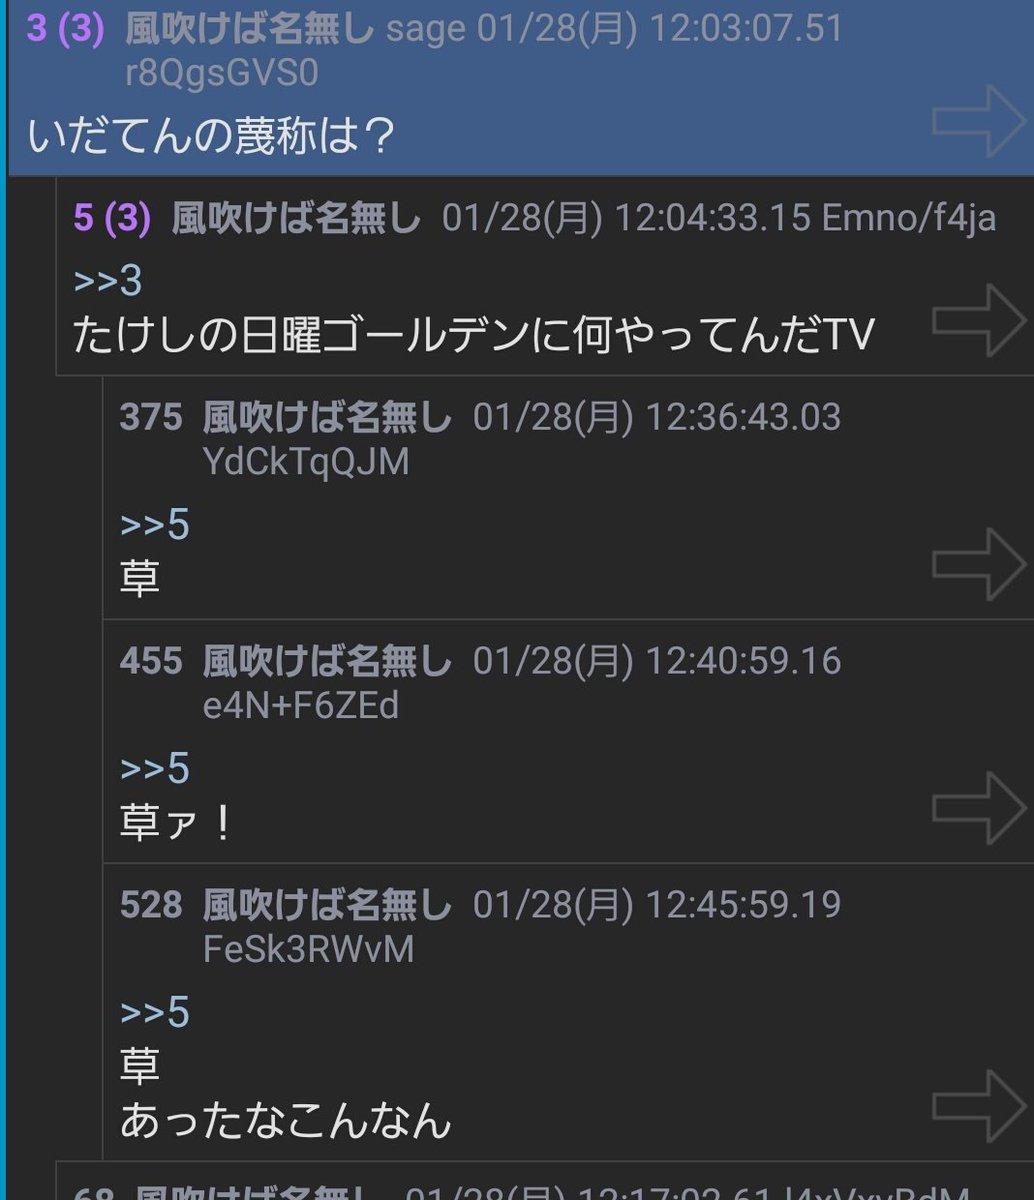 大河 ドラマ 5ch